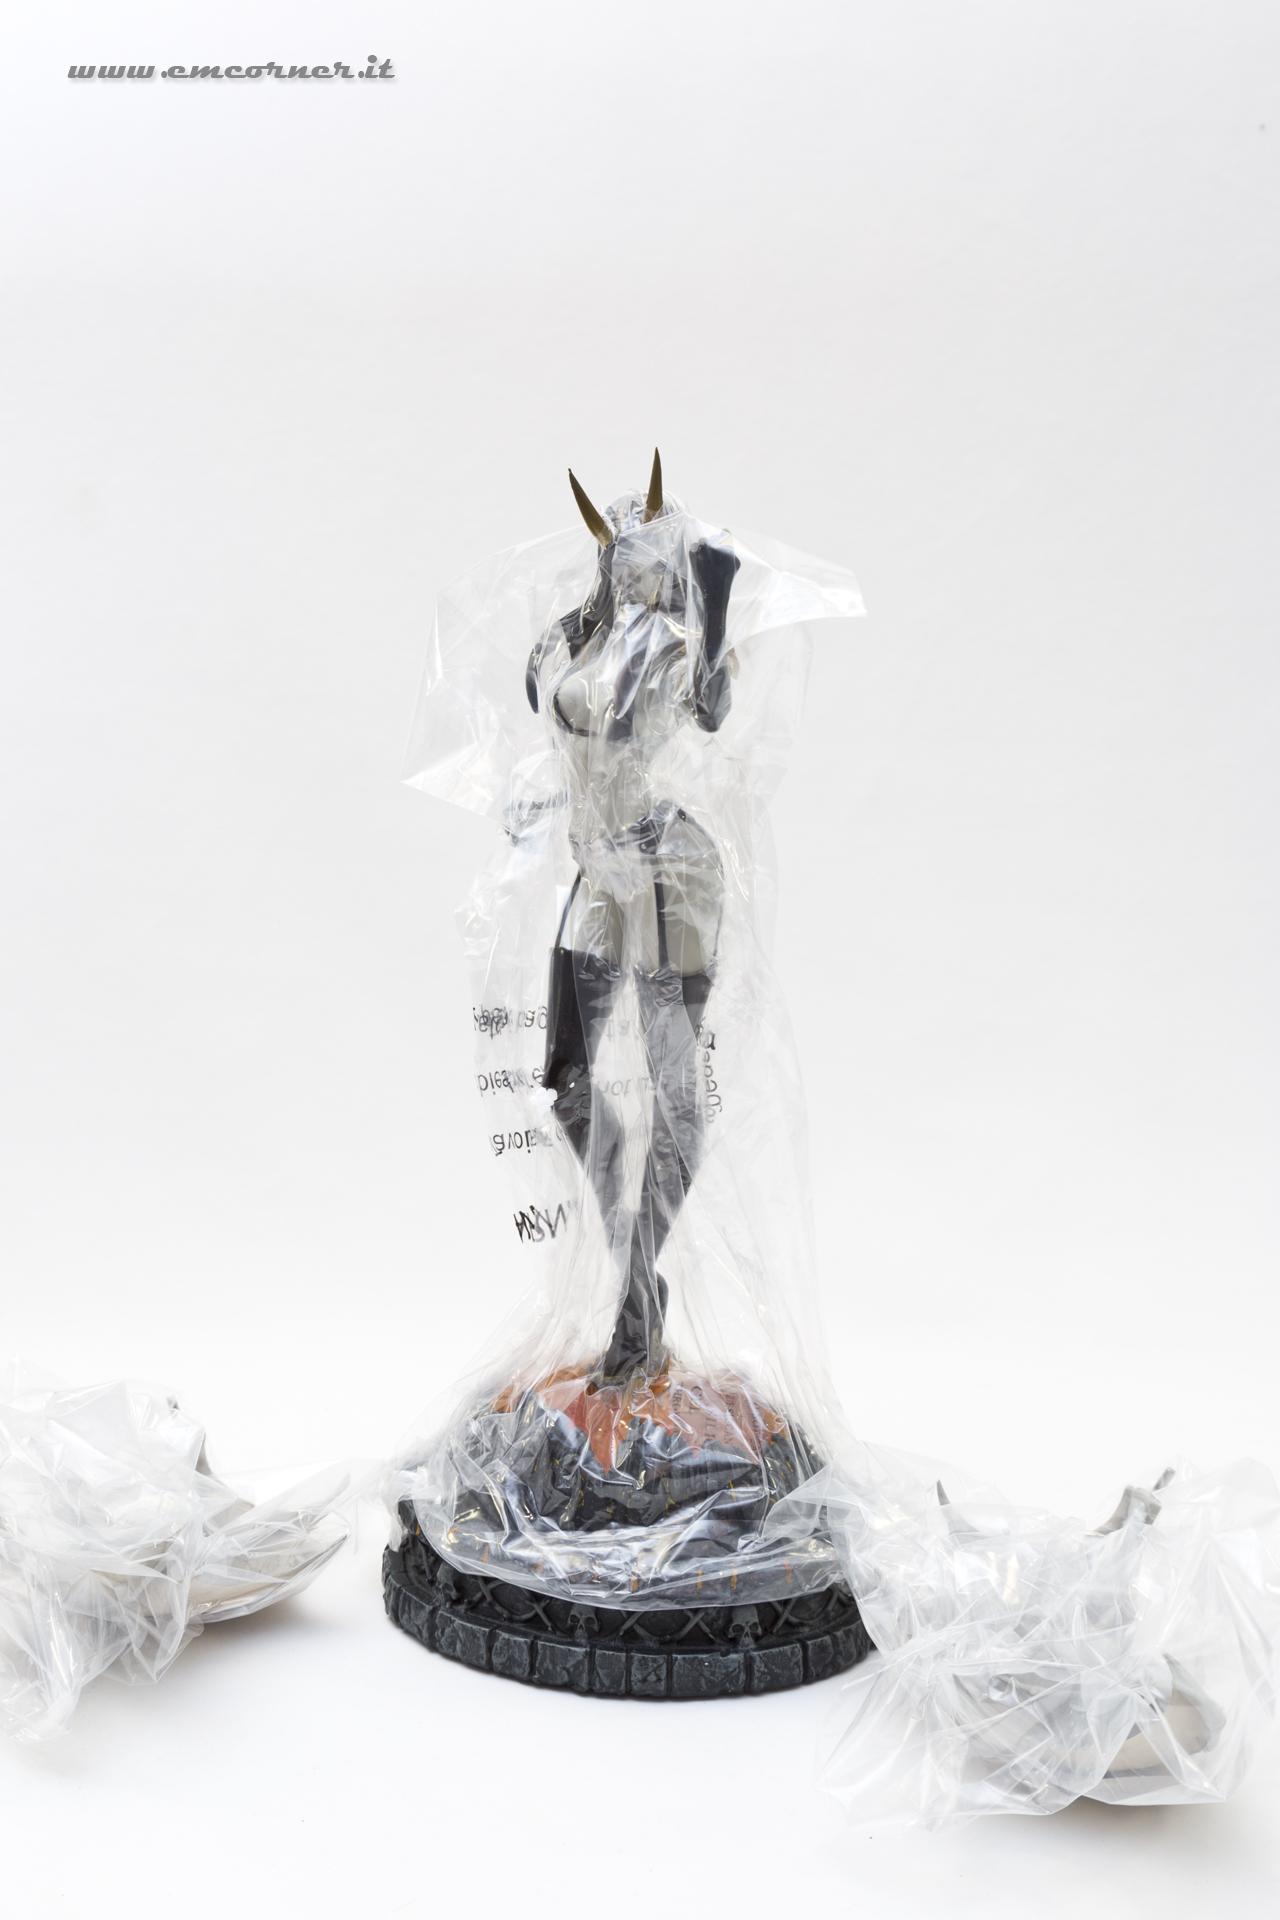 purgatori-dynamite-bw-emcorner-5